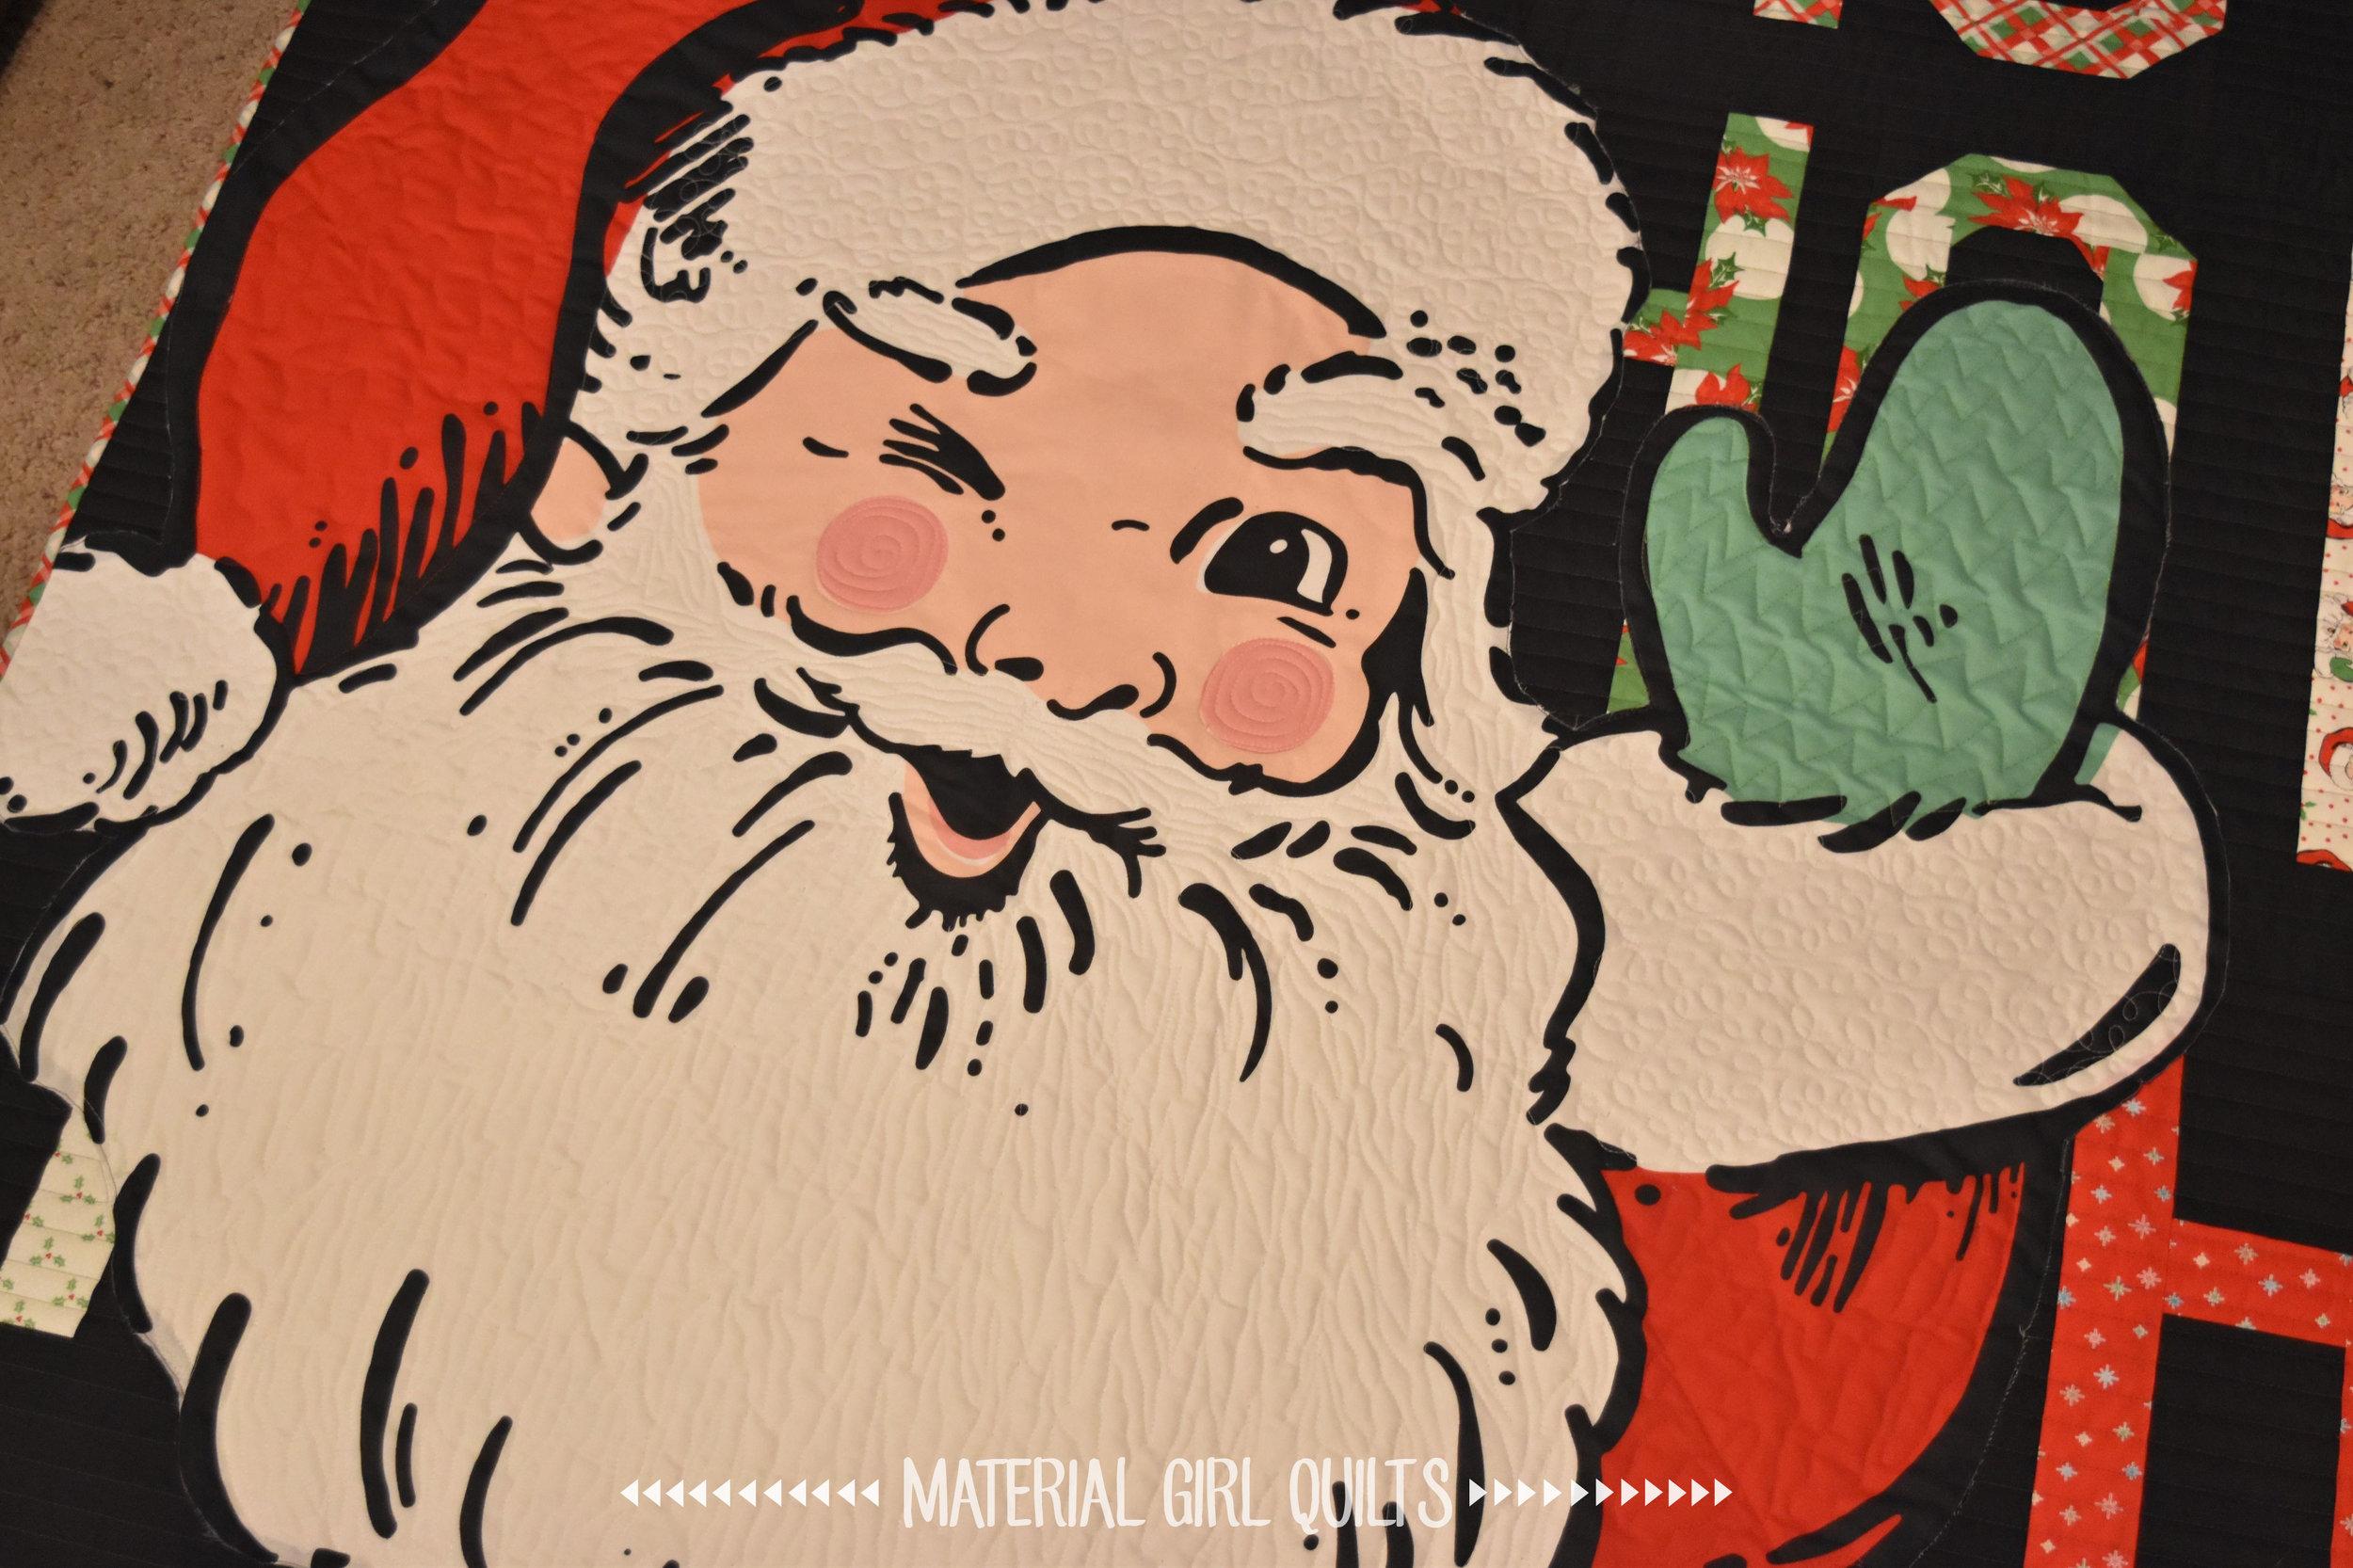 Jingle-Jangle-Santa-3.jpg